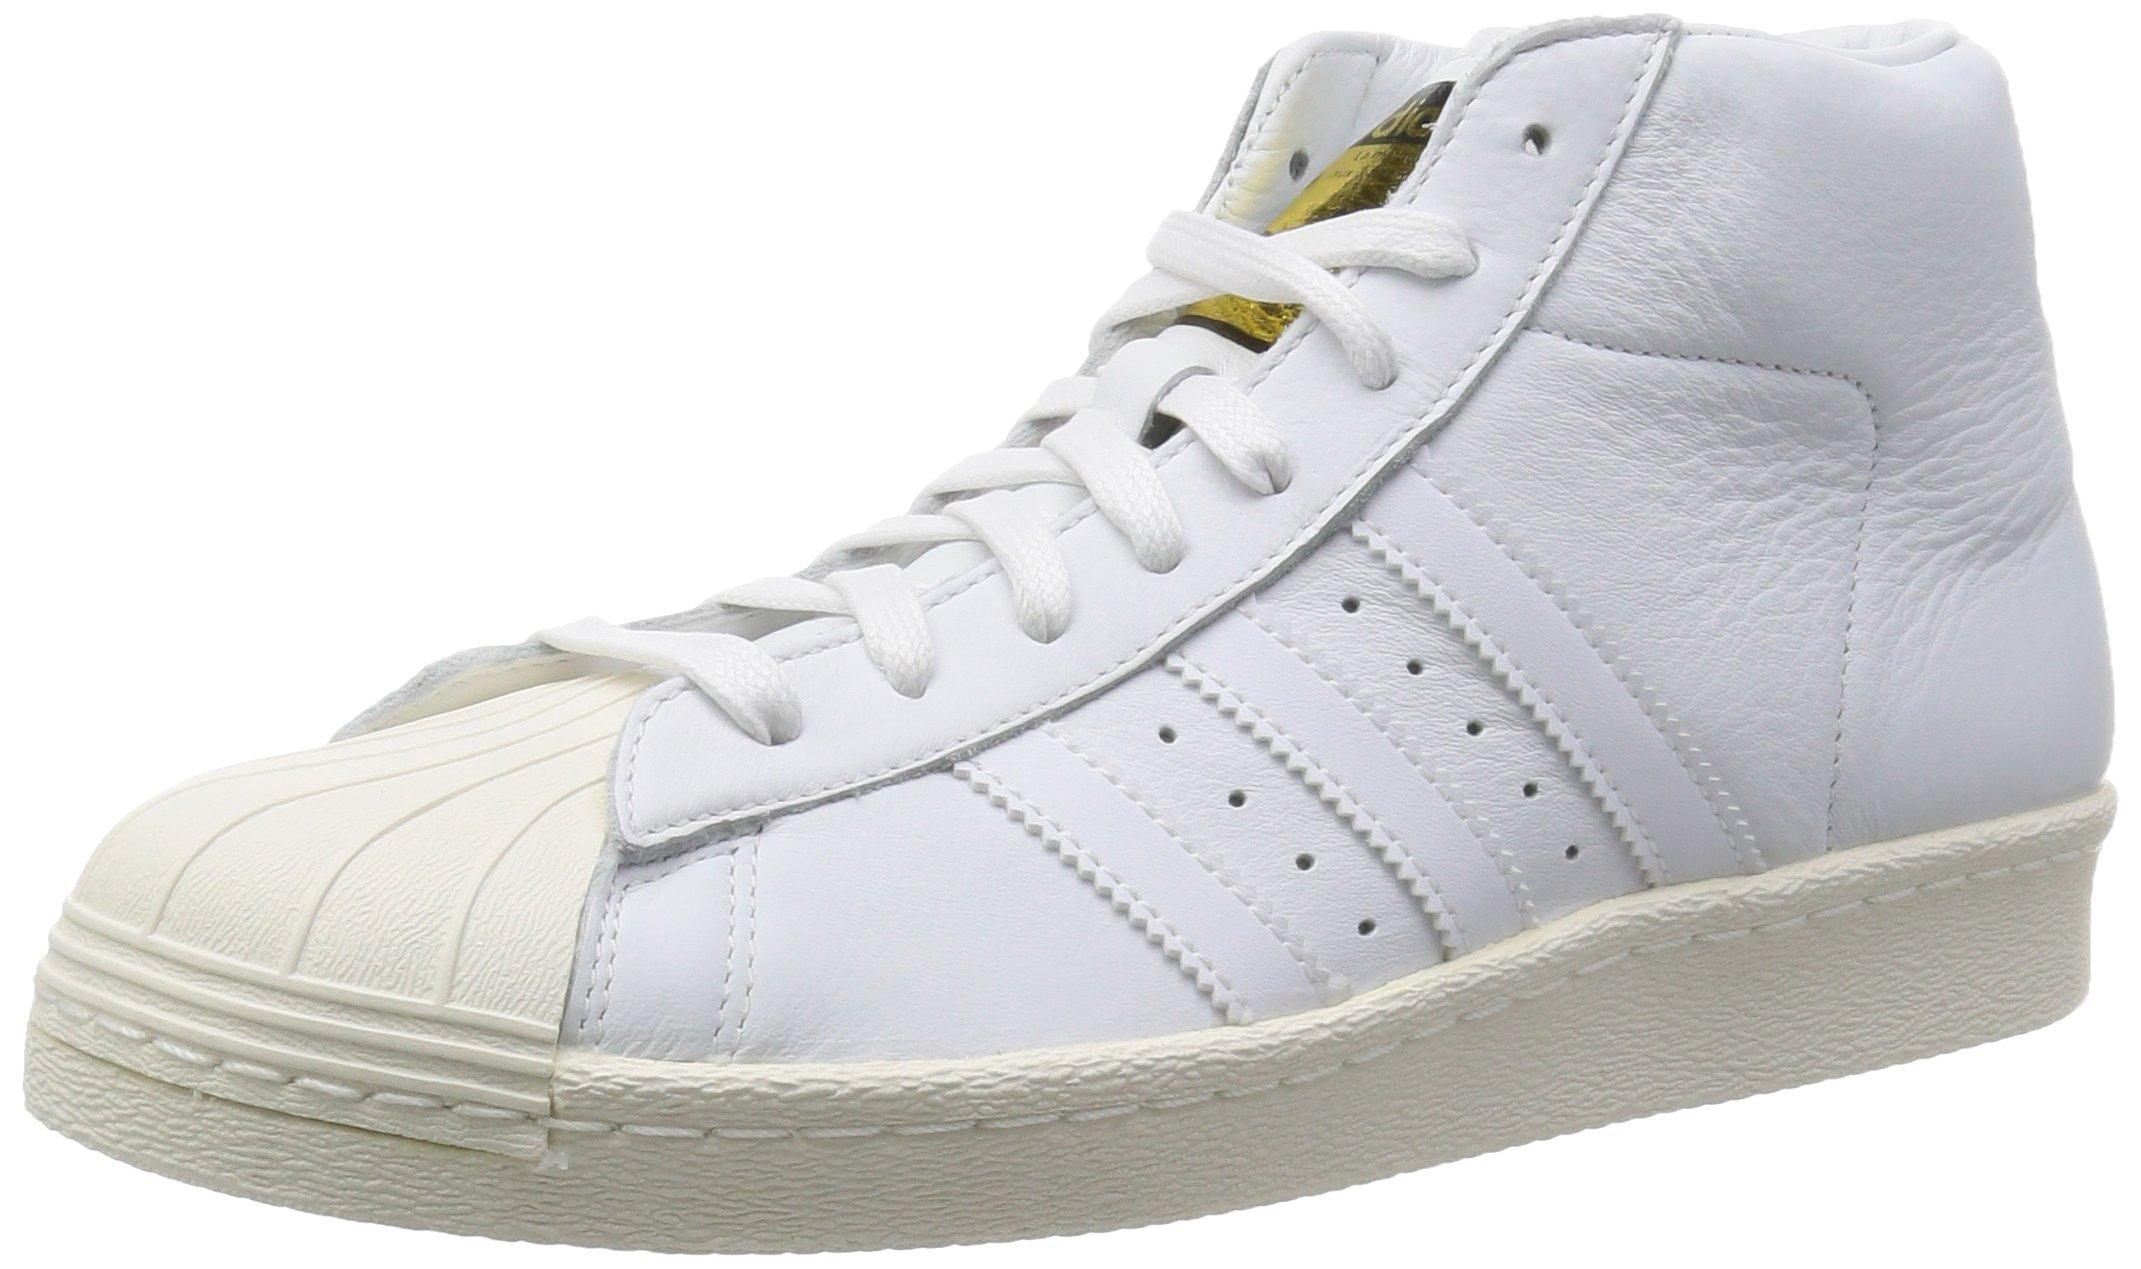 adidas PRO MODEL VINTAGE D, FTWWHT/FTWWHT/CWHITE, 40 EU